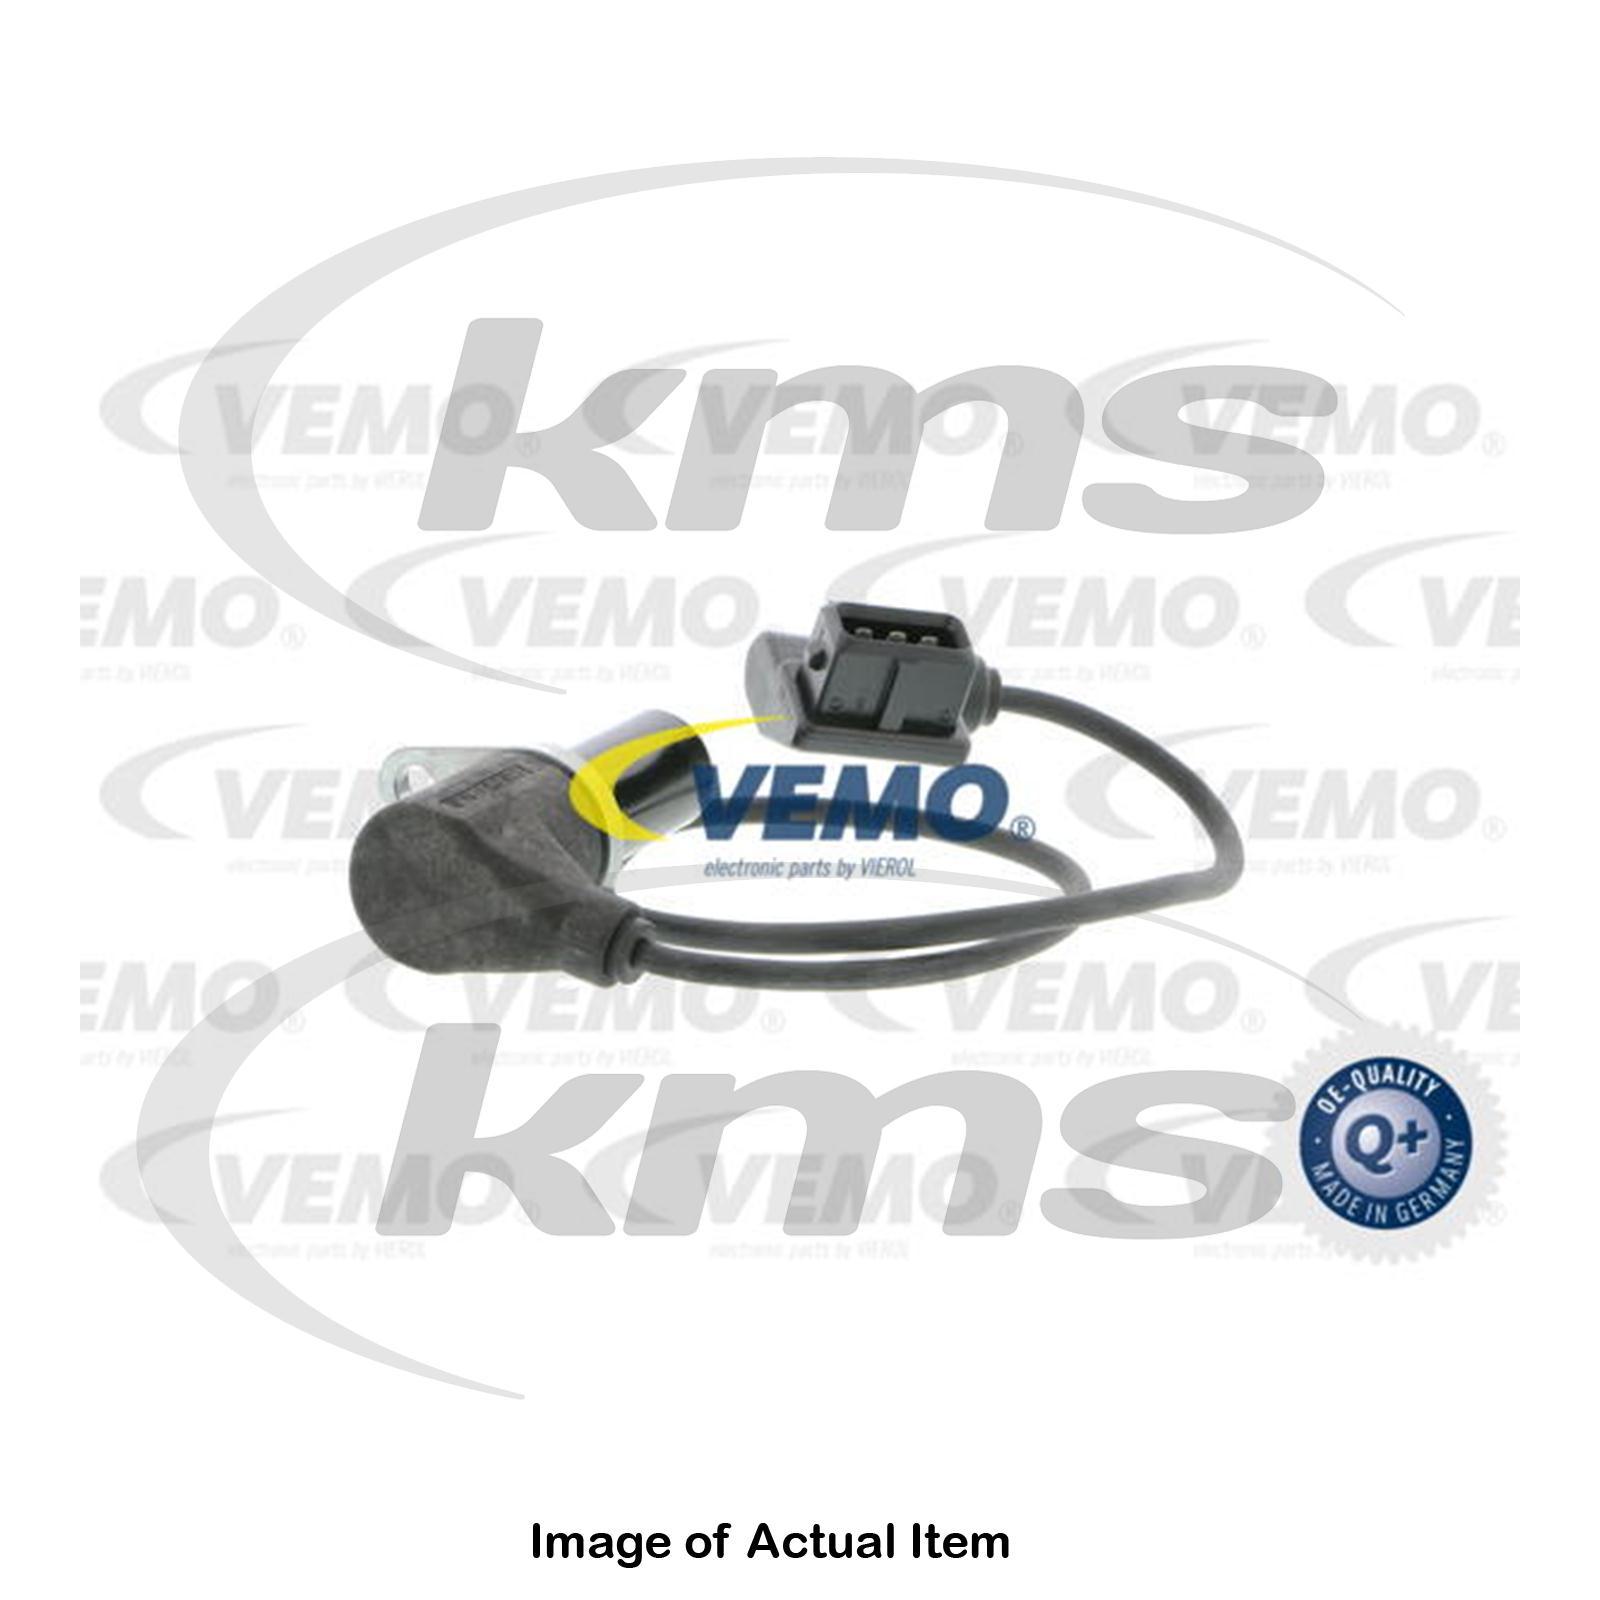 HELLA Crankshaft Pulse Sensor 6PU 009 163-681 Discount Car Parts